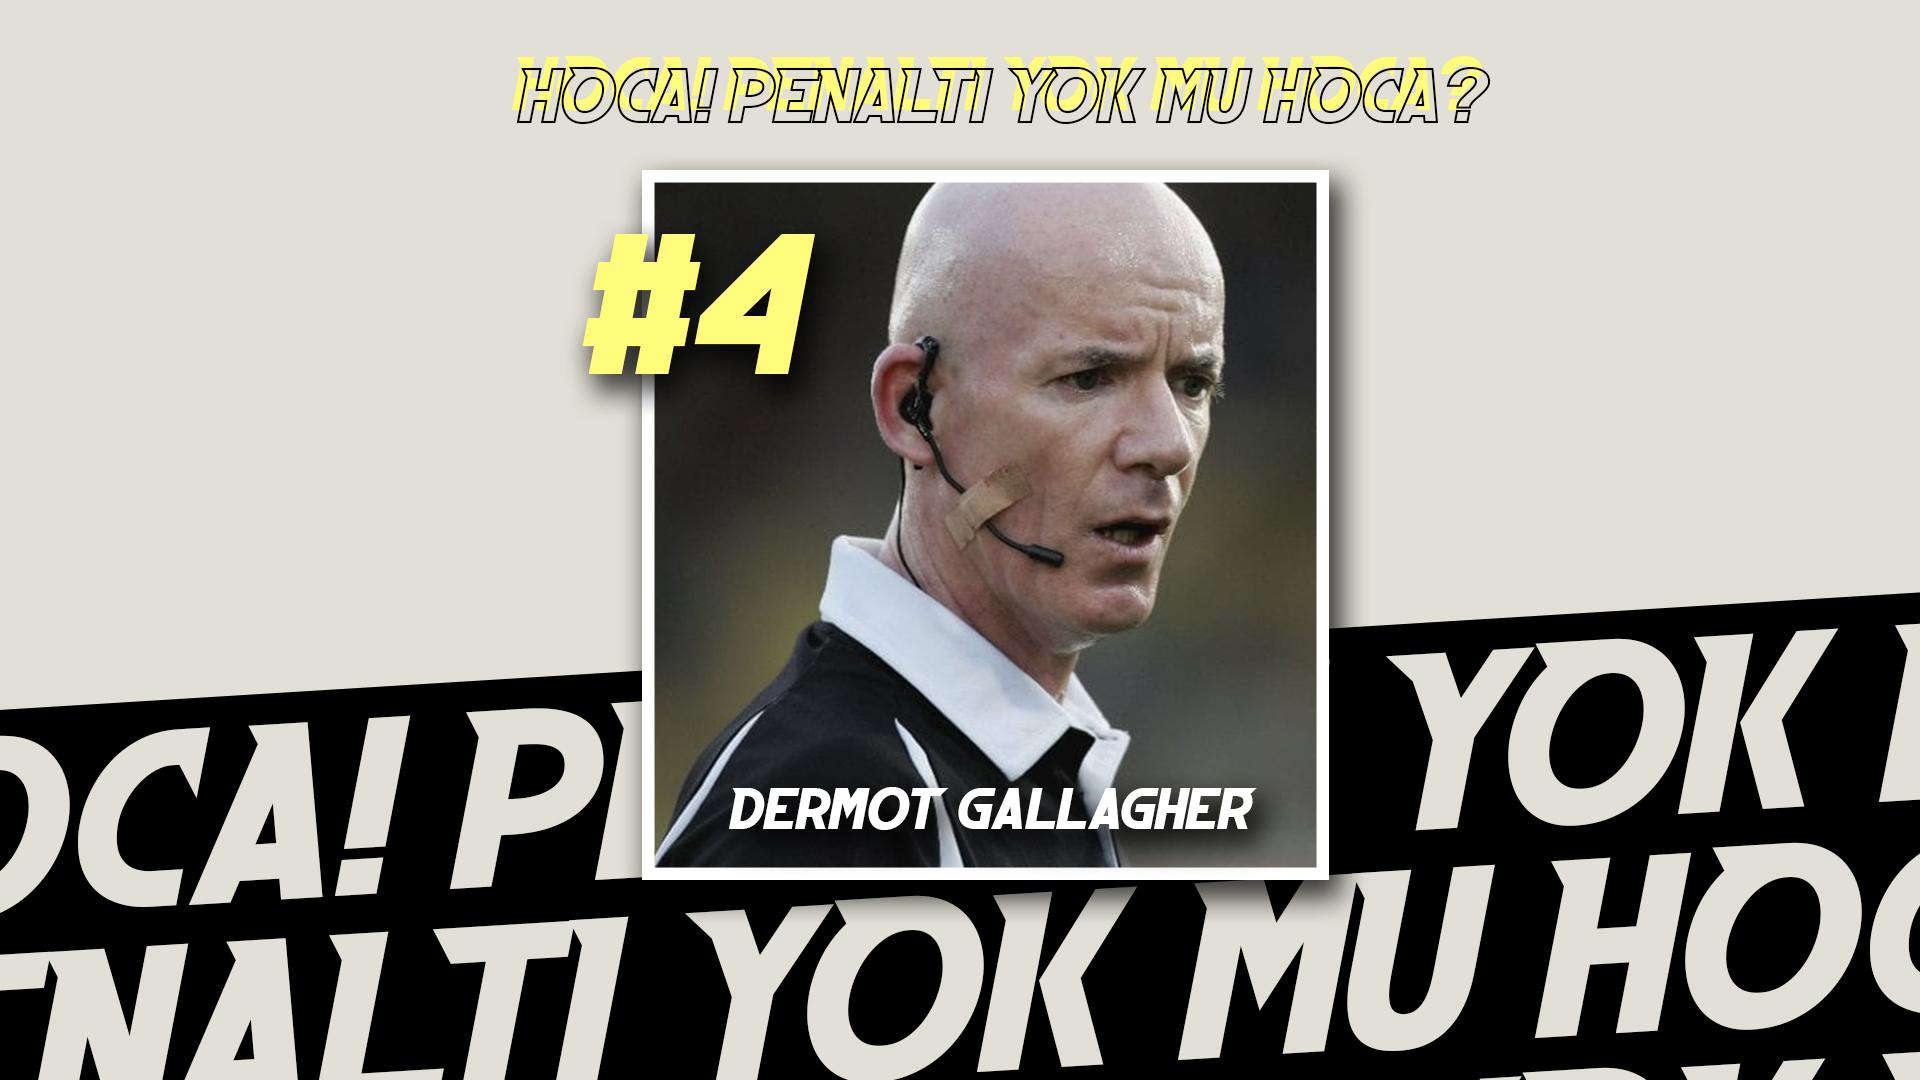 Dermot Gallagher